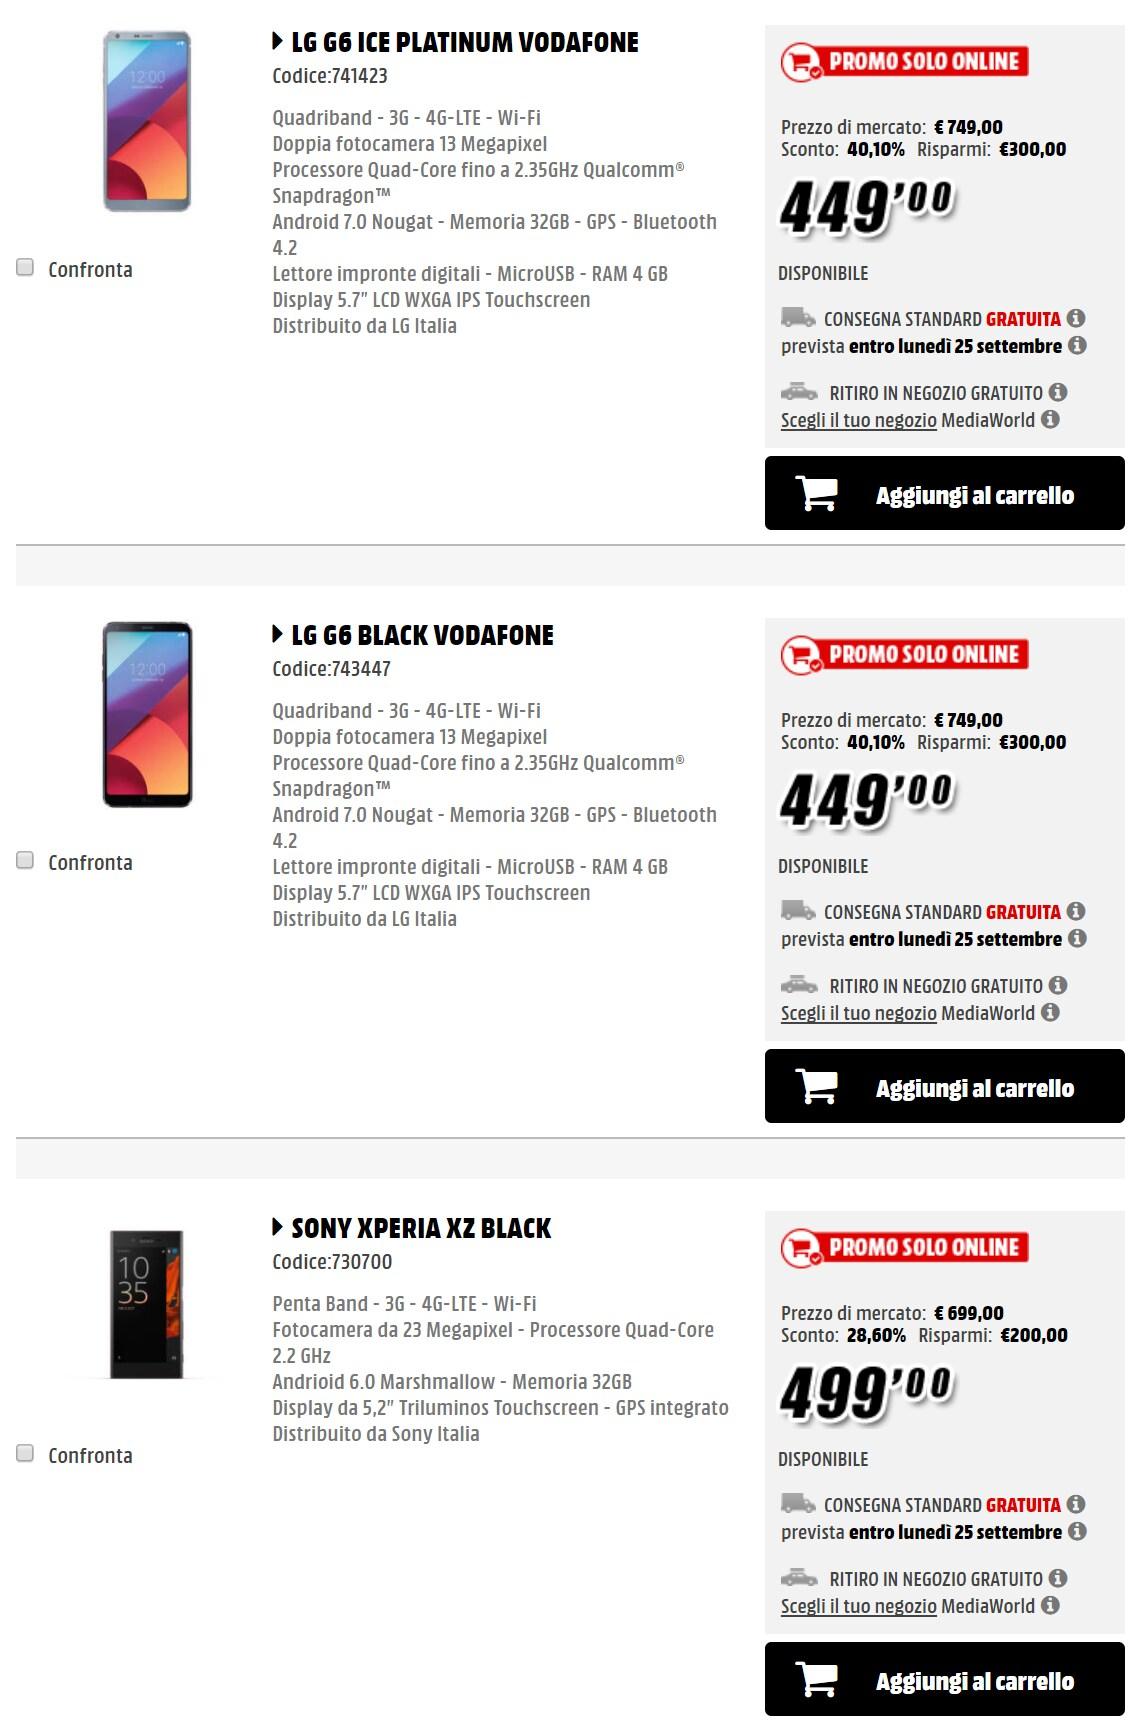 x days mediaworld fine settembre 2017_smartphone (2)